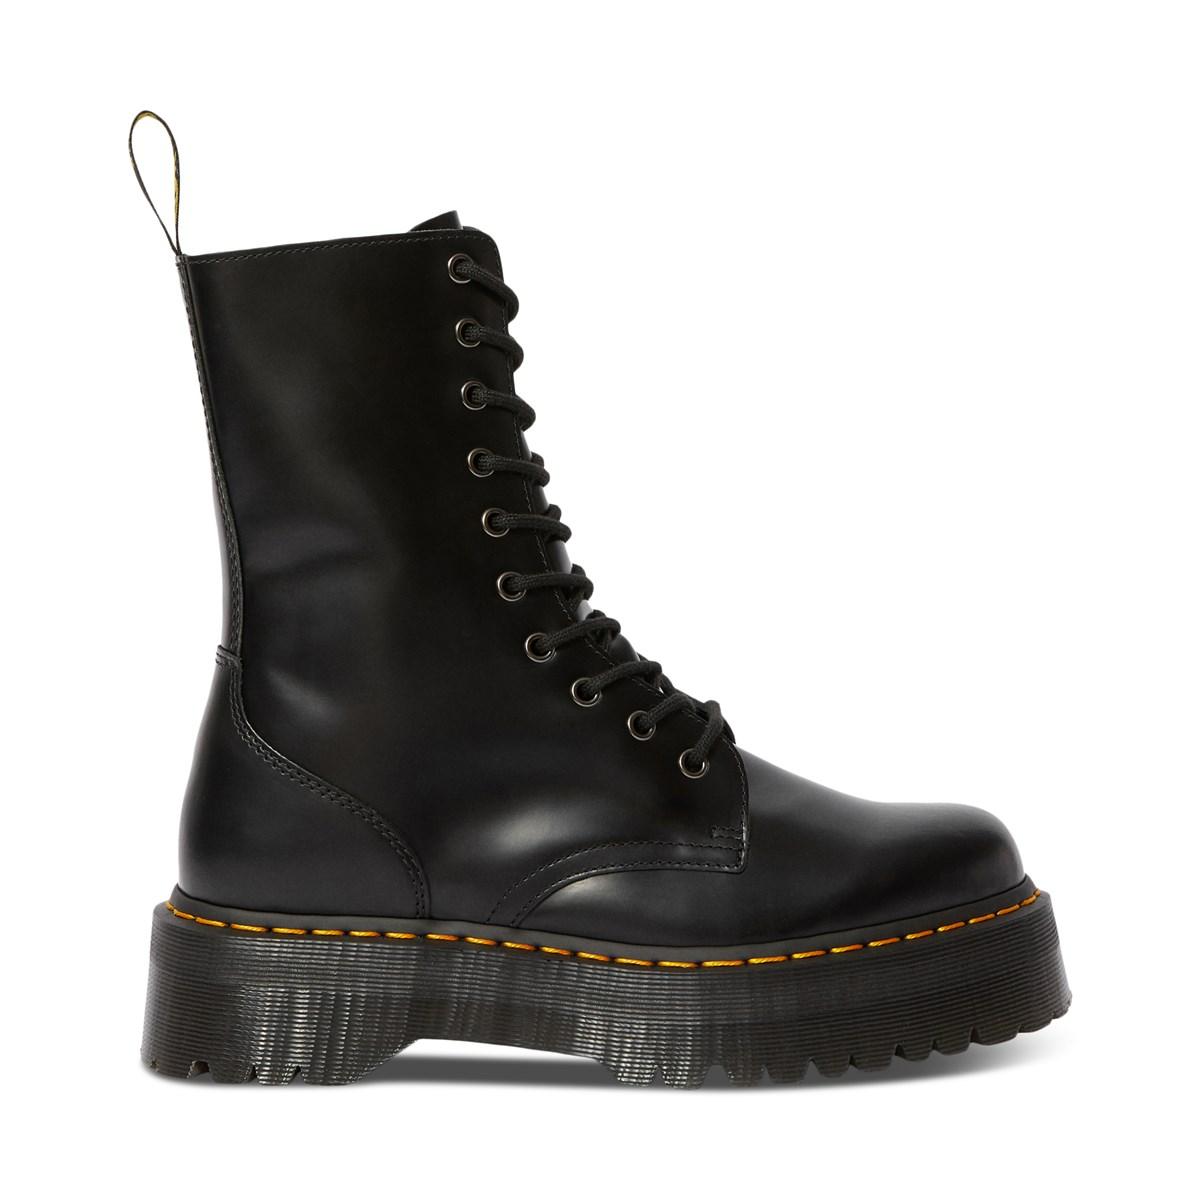 Women's Jadon Hi Boots in Black